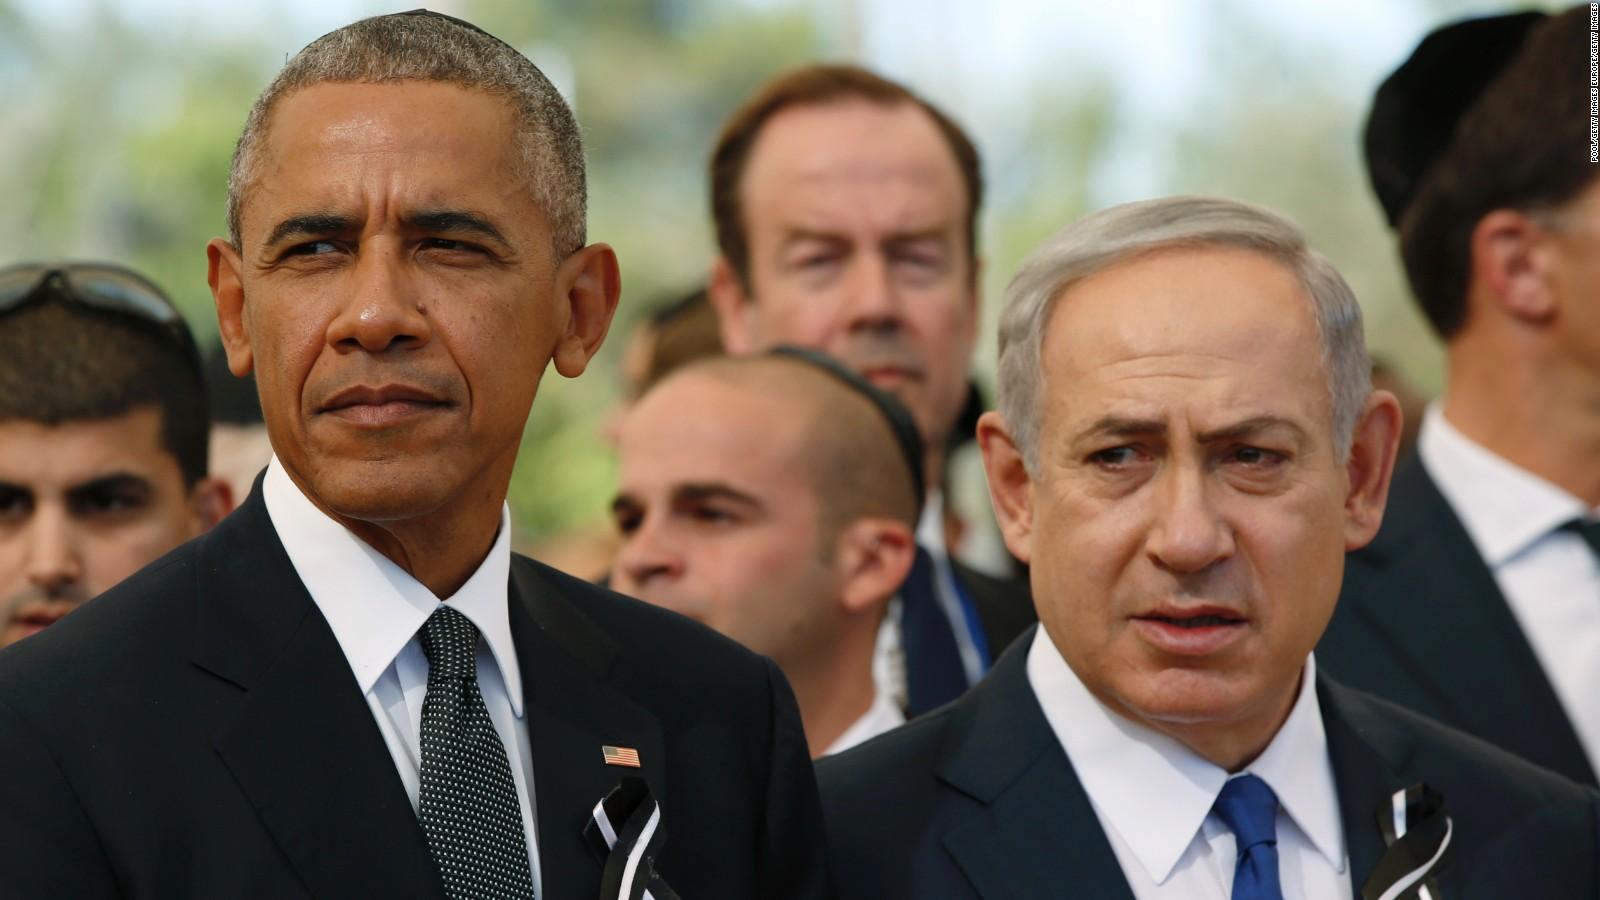 Usa vadjar till israel